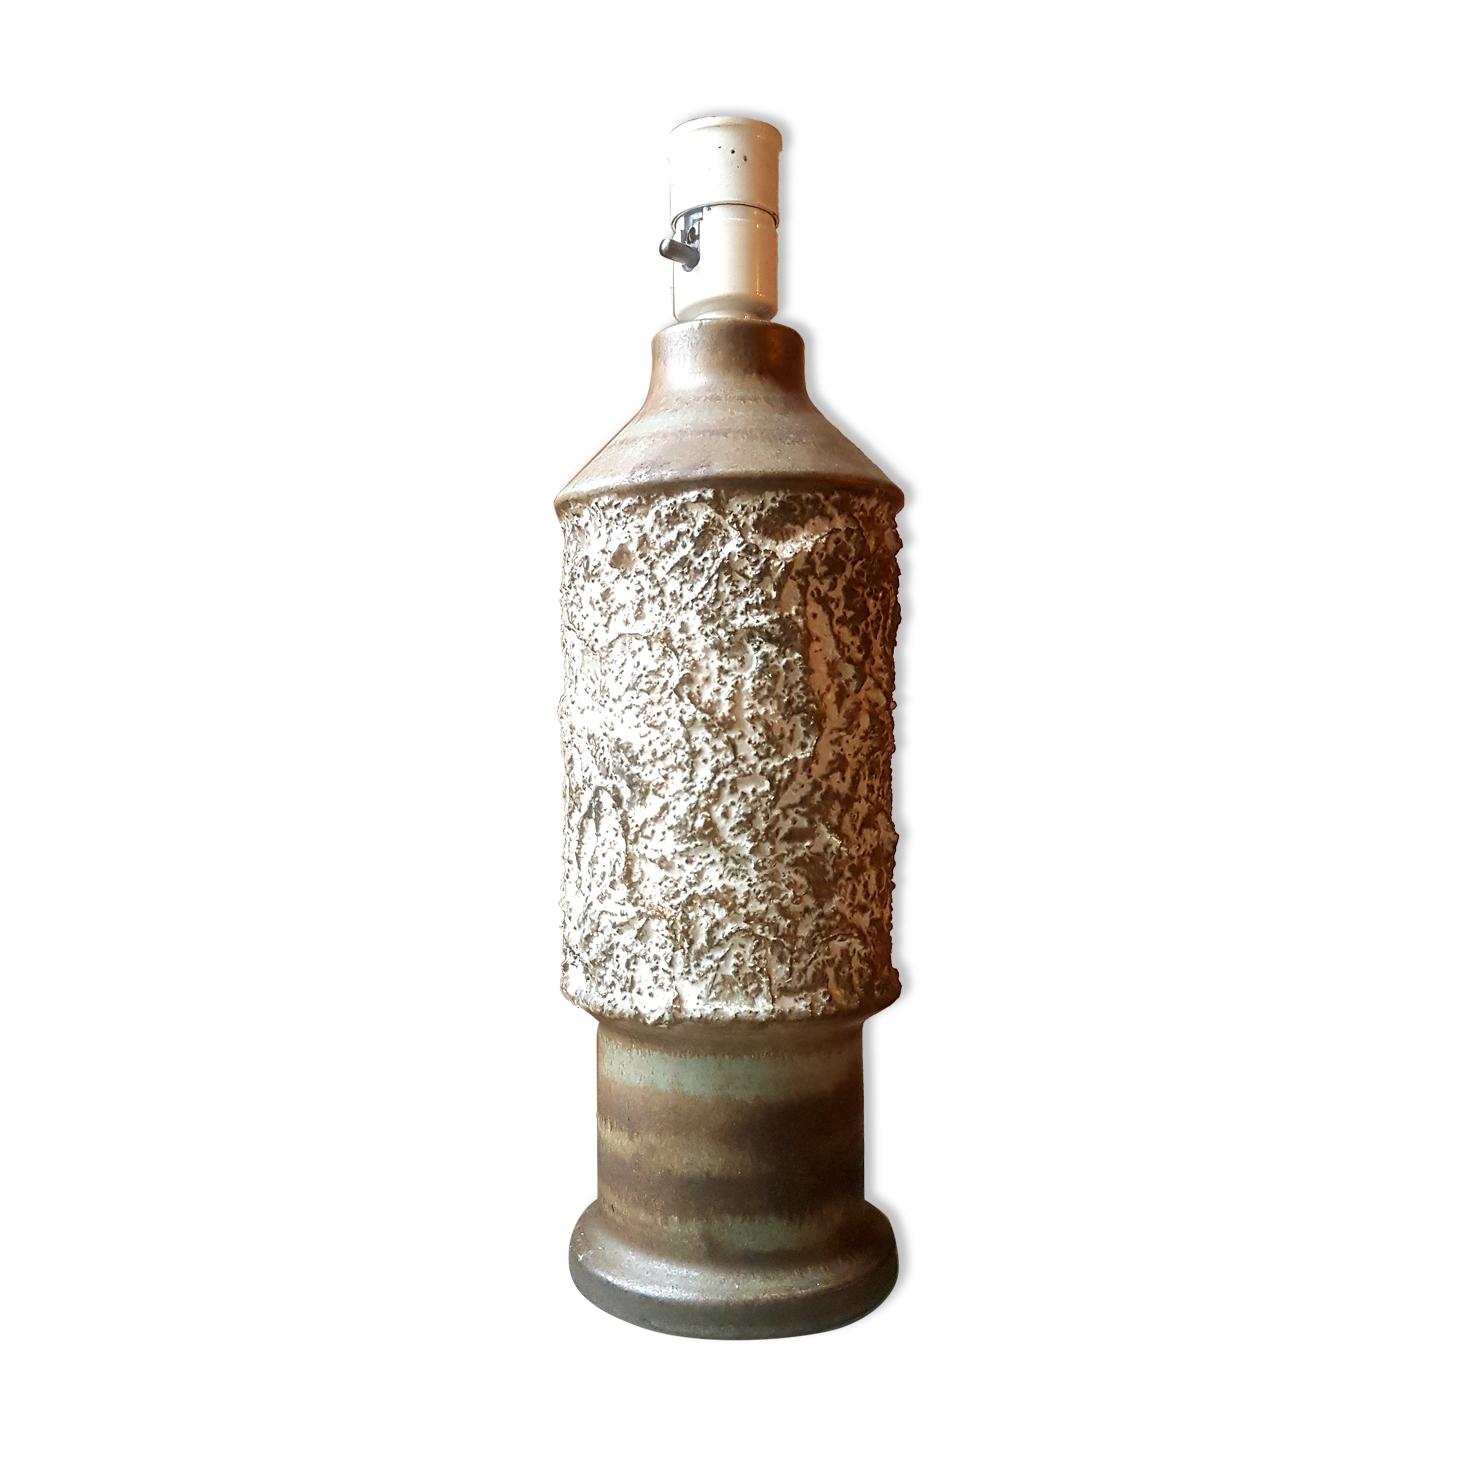 Lampe design scandinave vintage ego stengods atelje bruno karlsson